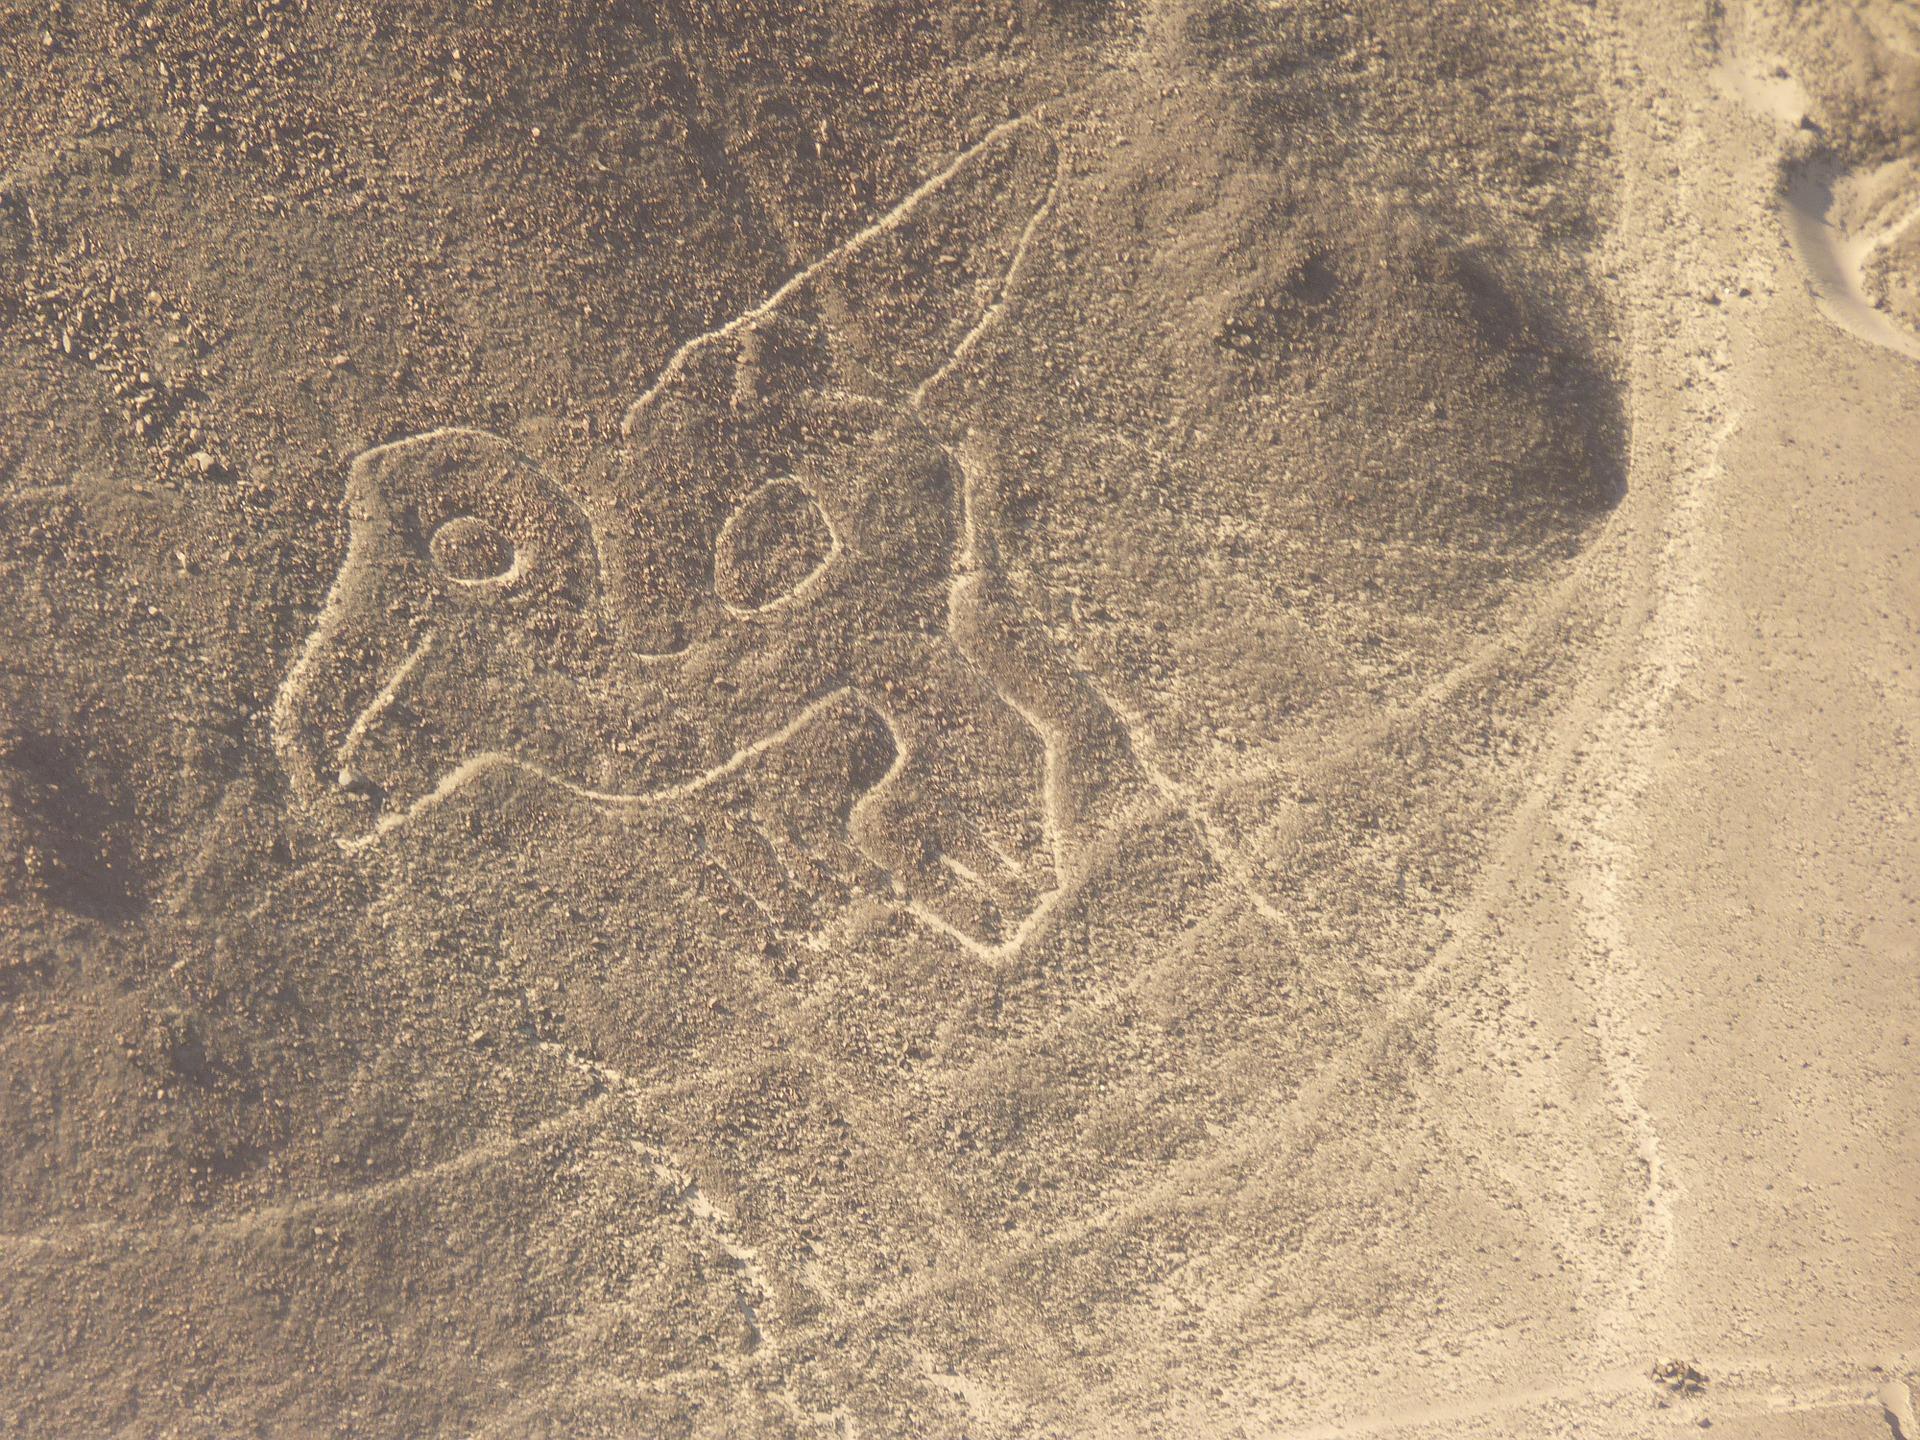 nasca-43228_1920.jpg